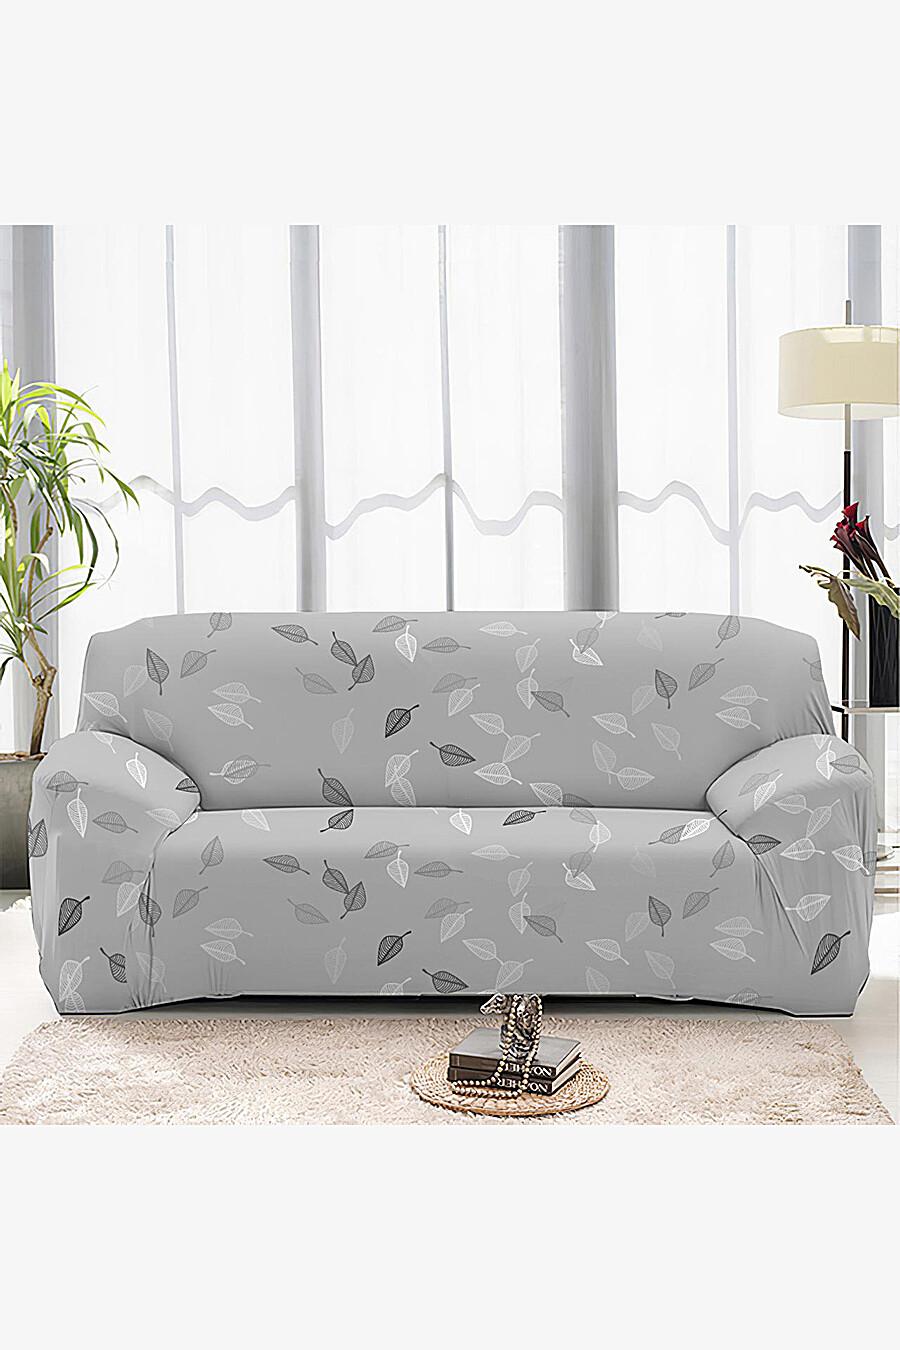 Чехол на диван для дома ART HOME TEXTILE 162802 купить оптом от производителя. Совместная покупка товаров для дома в OptMoyo